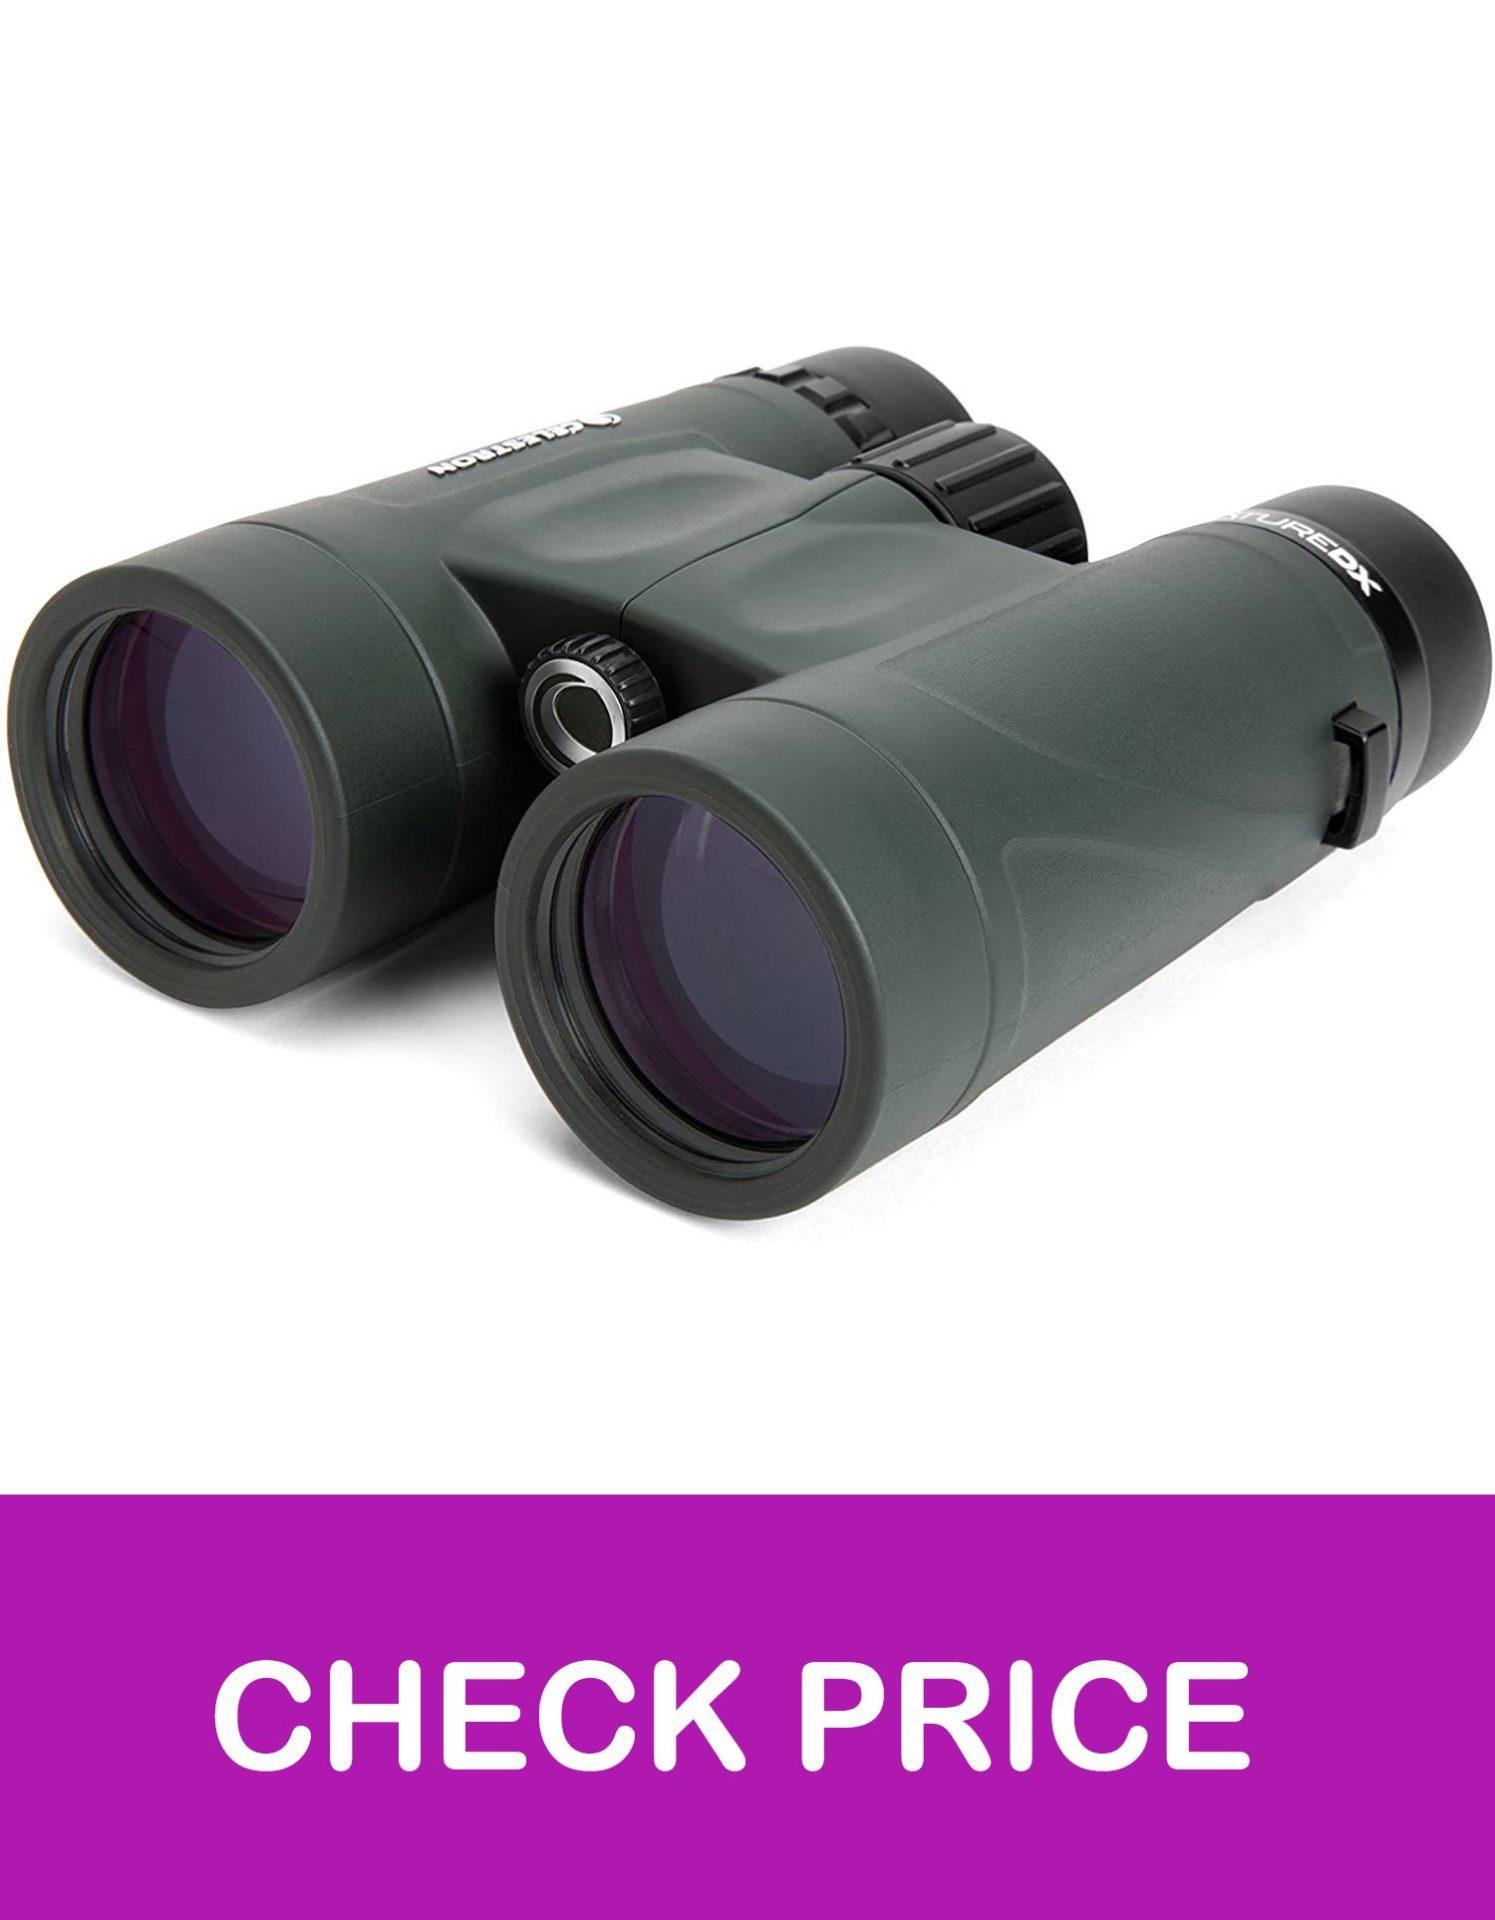 The Celestron Nature DX 10 x 42 Binocular